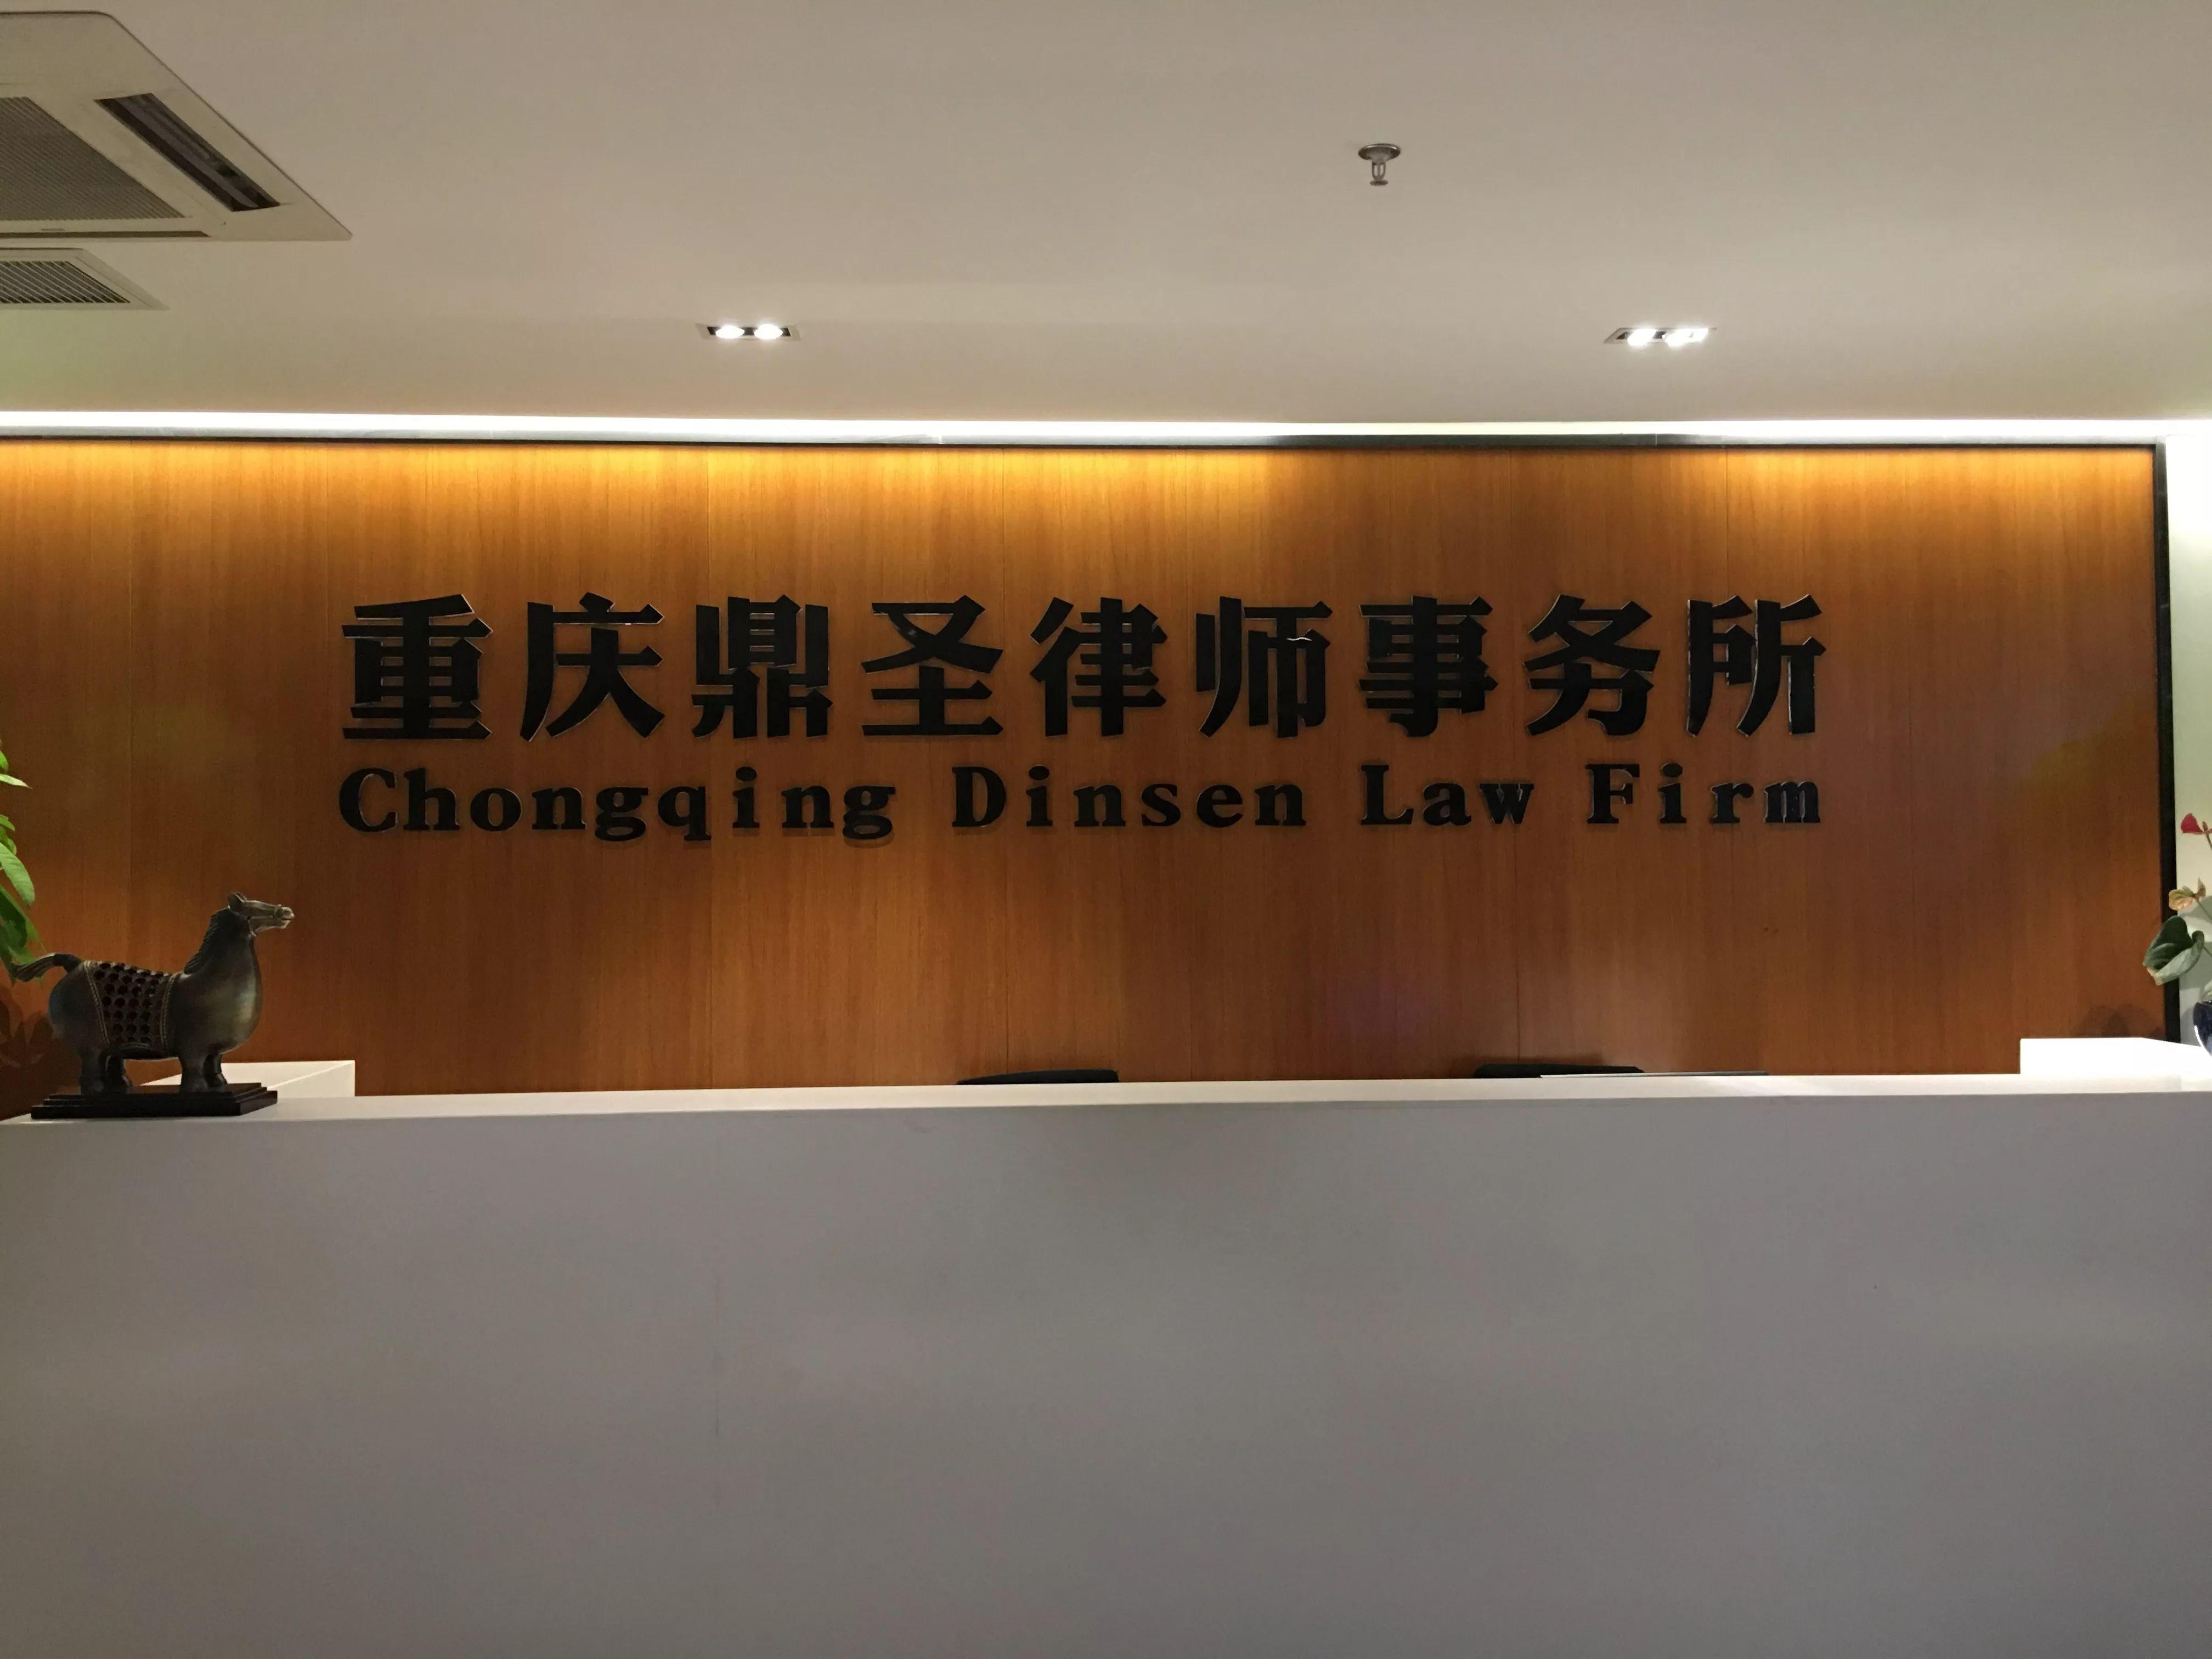 法律咨询 离婚继承纠纷 借贷纠纷 合同争议 房屋买卖纠纷